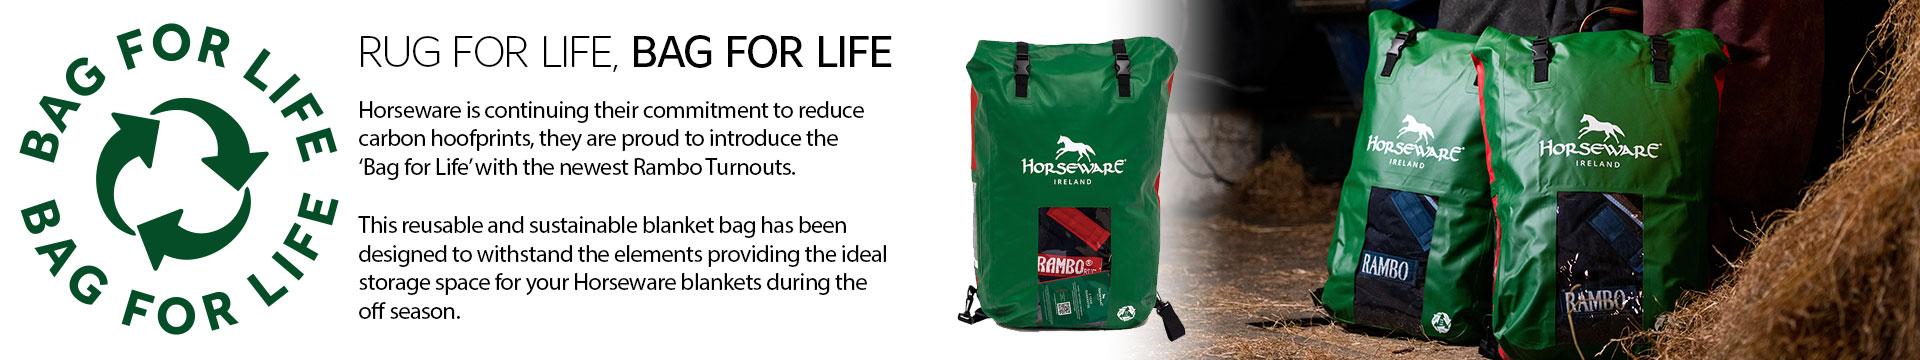 Horseware Bag for Life Blankets